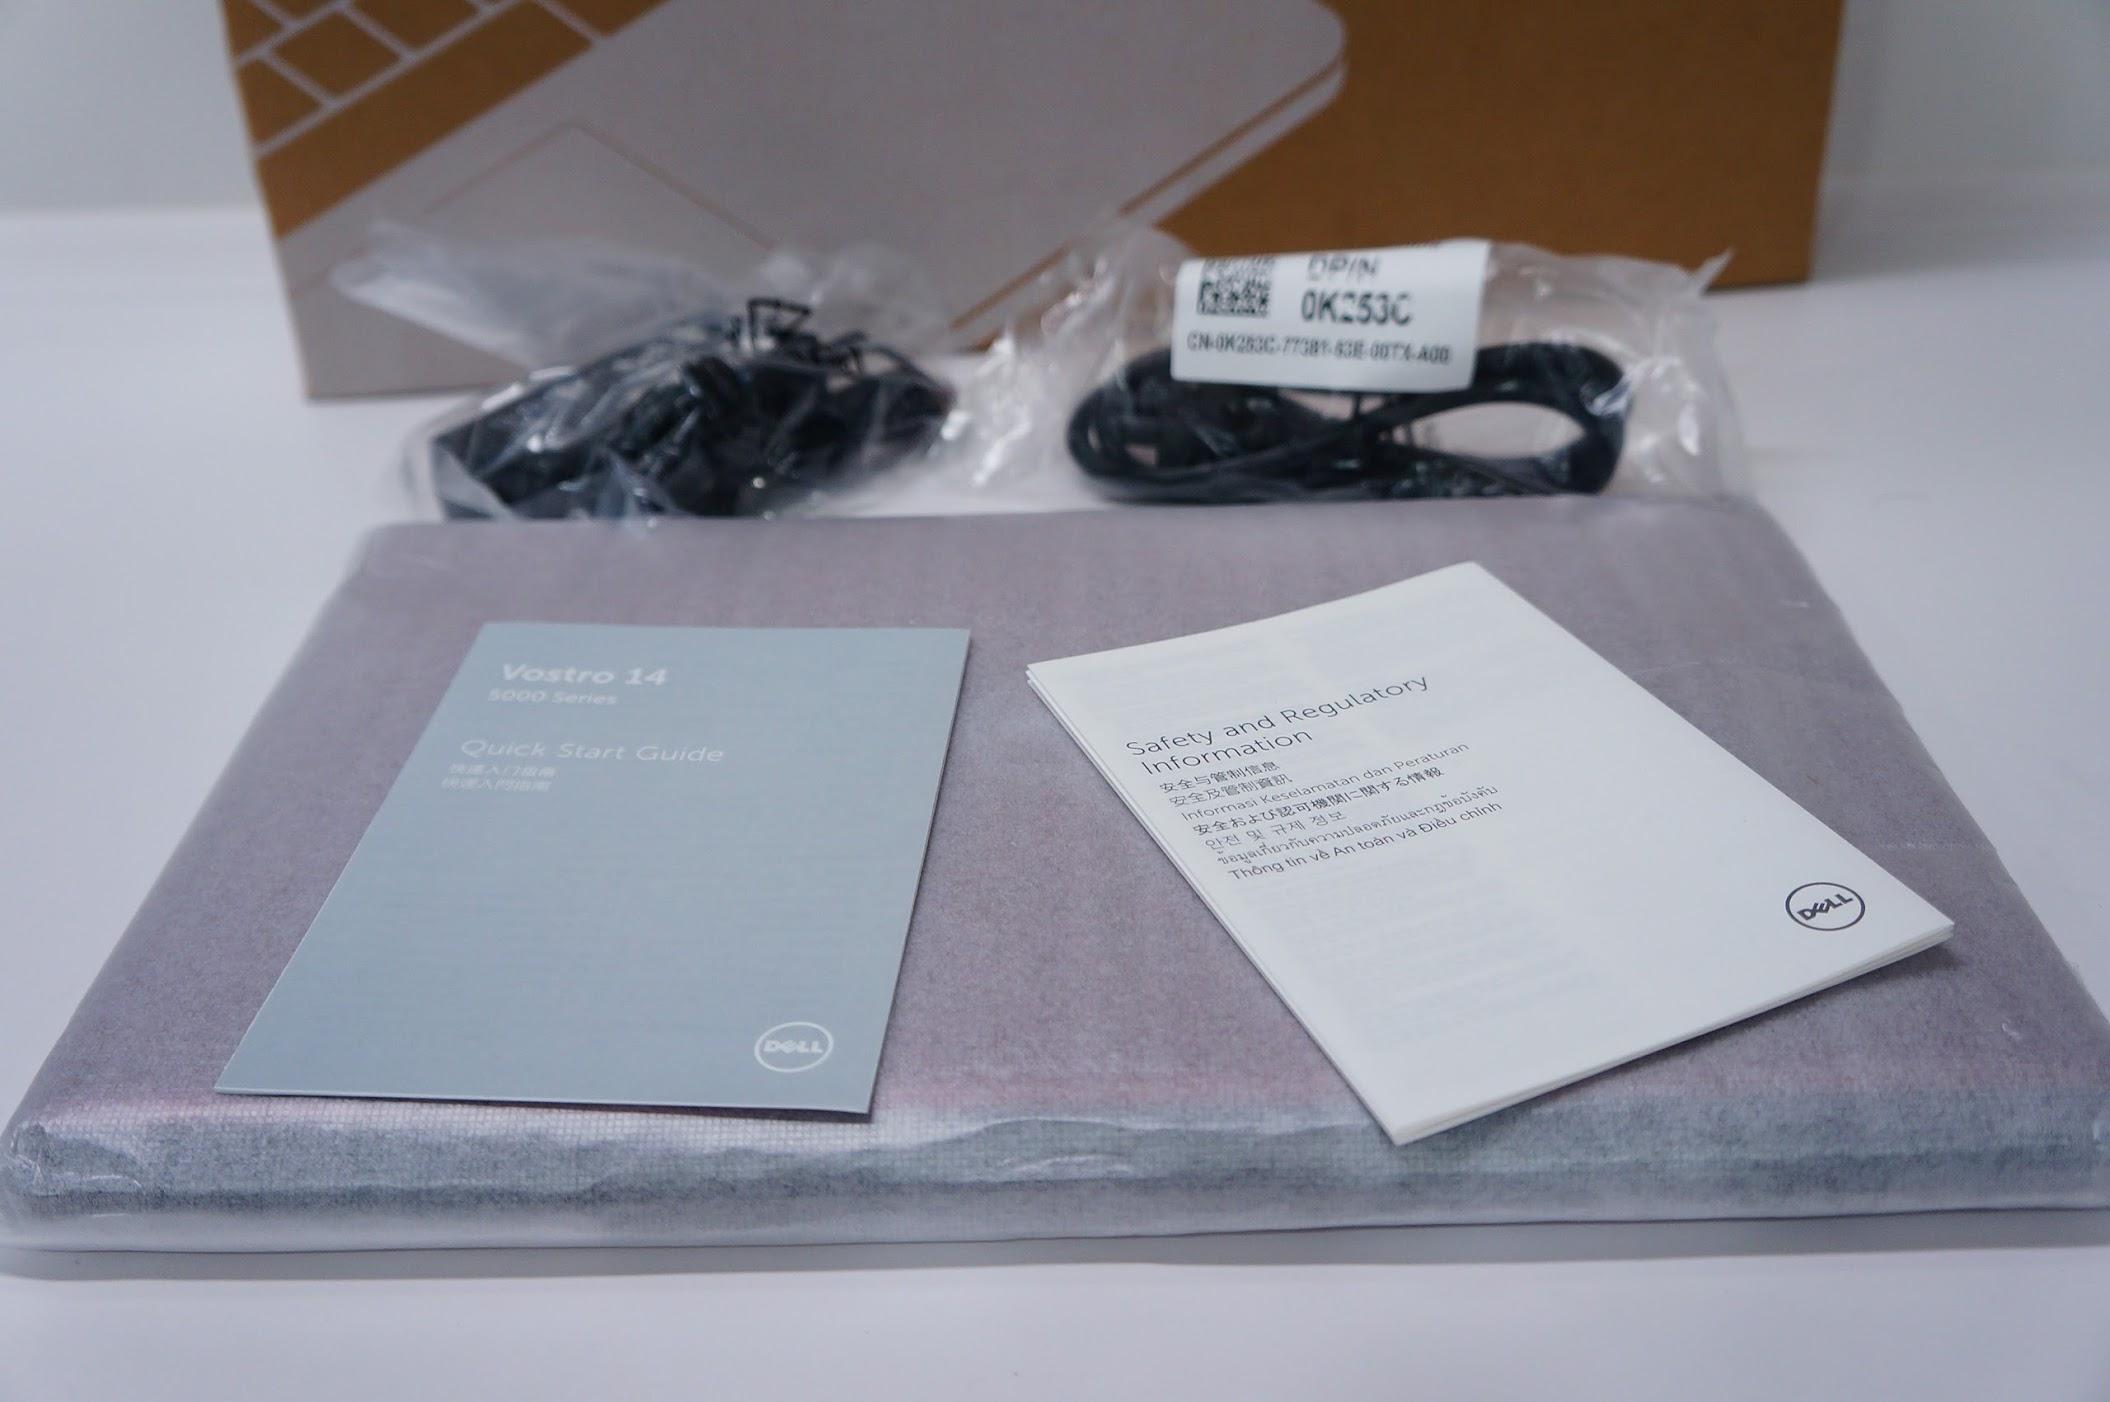 內容物很簡單,主體、變壓器、二張薄薄說明書,沒了...我還記得以前買NB,還有袋子、滑鼠、一堆光碟brabra,現在精簡到給你必要的,其他自行採購XD